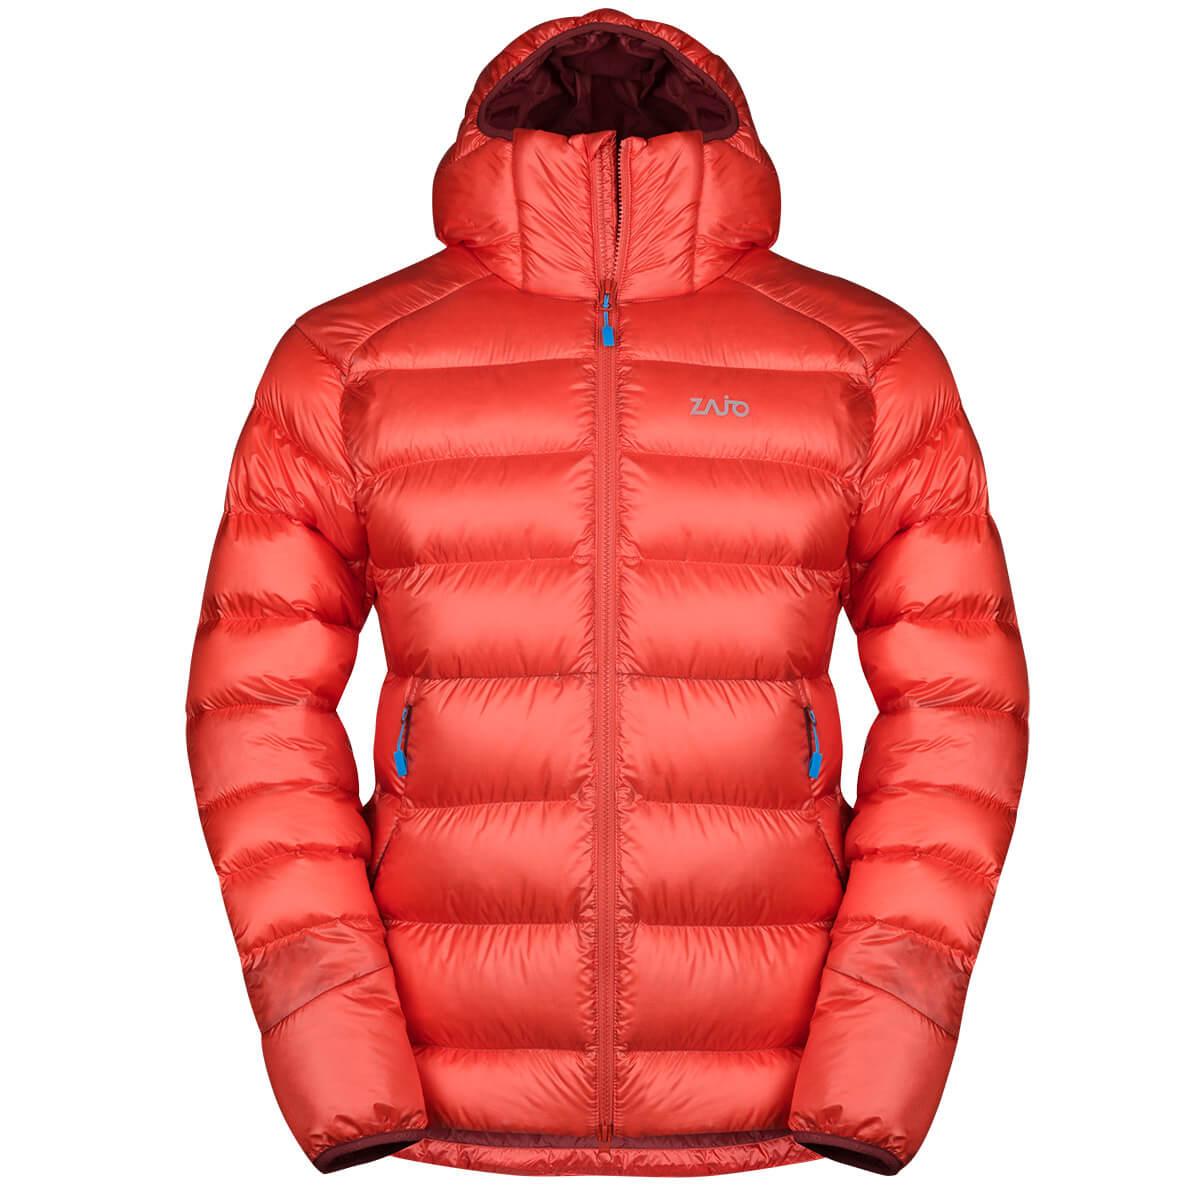 Pánska bunda Moritz JKT Red - veľkosť S